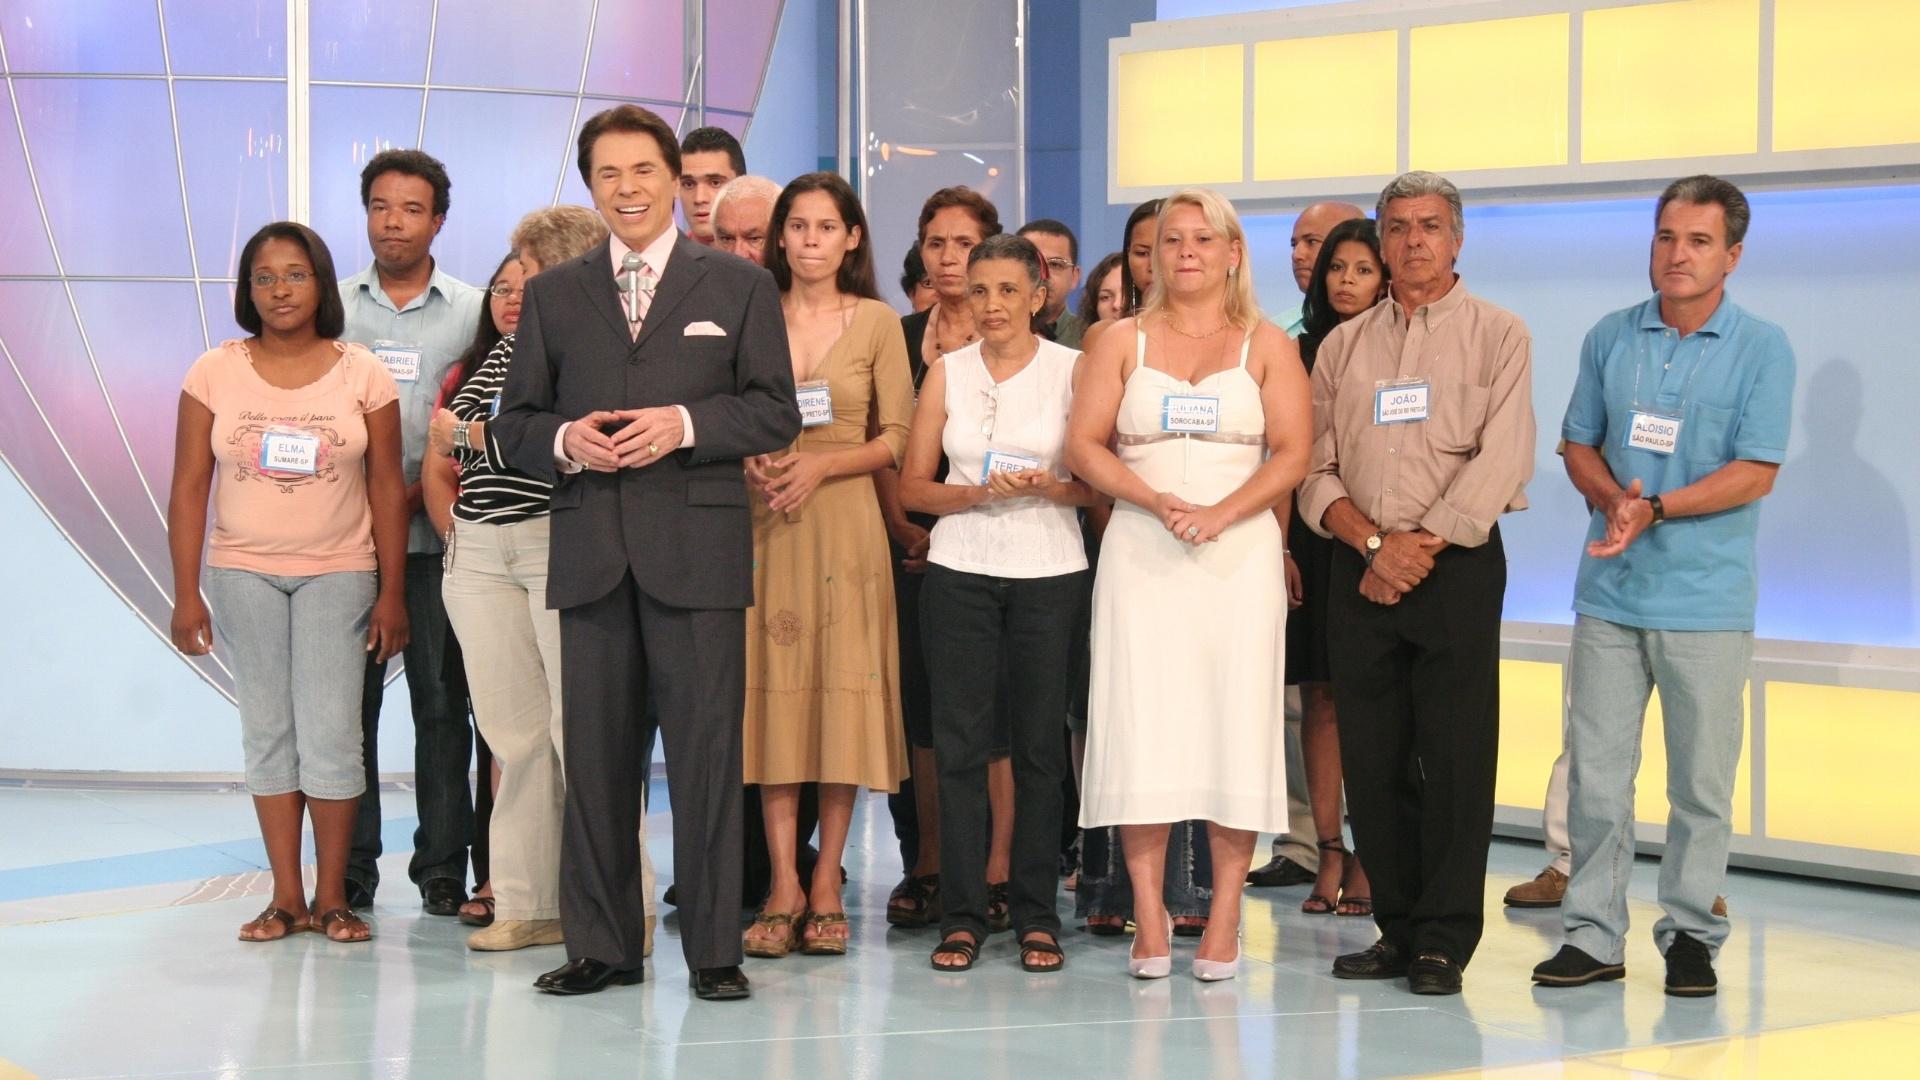 2007 - Silvio Santos com os fregueses do Baú da Felicidade no programa